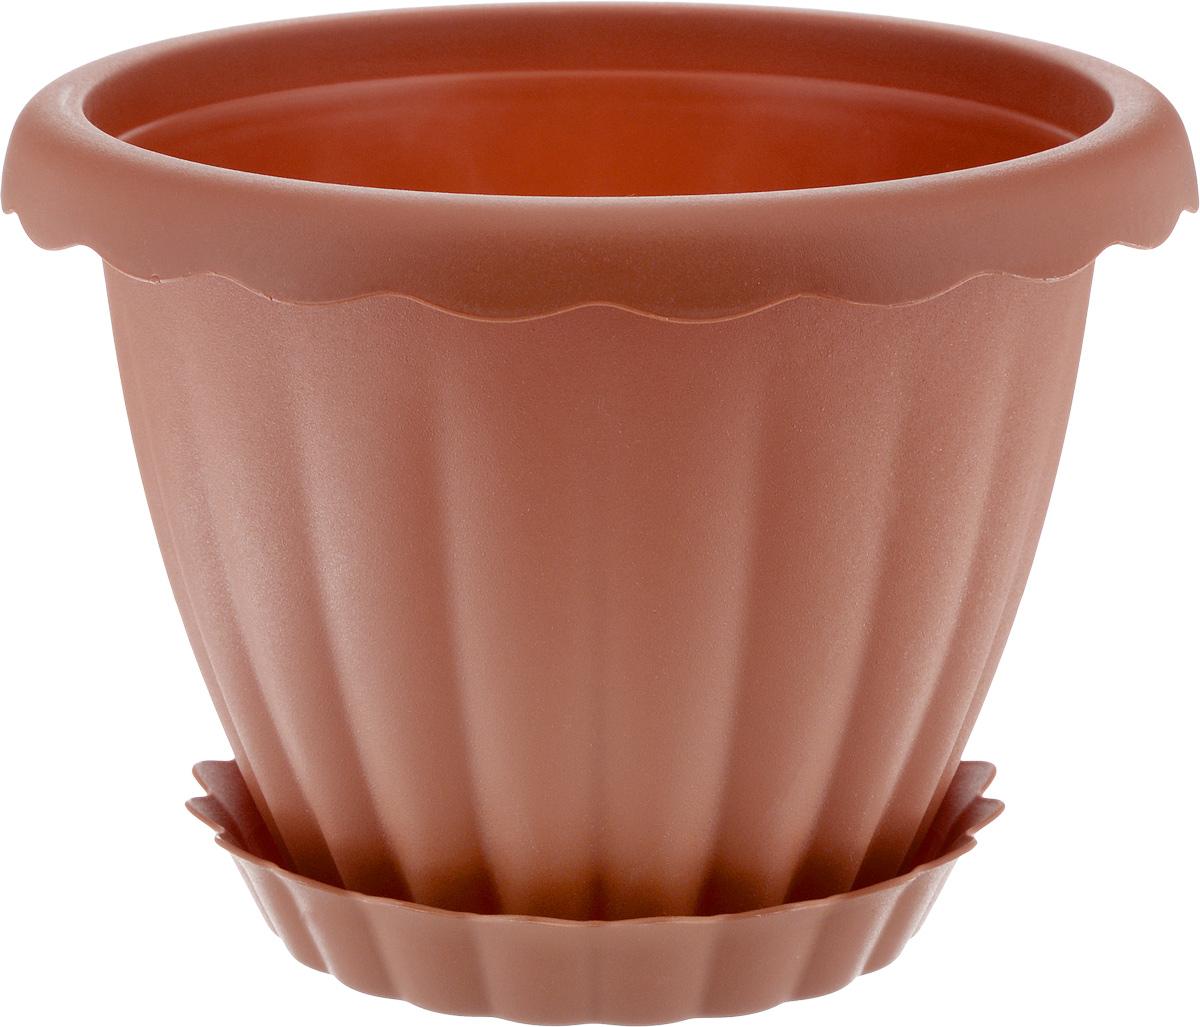 Кашпо Idea Далия, с поддоном, цвет: терракотовый, 3,5 лМ 8382Кашпо Idea Далия изготовлено из высококачественного пластика. Специальный поддон предназначен для стока воды. Изделие прекрасно подходит для выращивания растений и цветов в домашних условиях. Лаконичный дизайн впишется в интерьер любого помещения. Диаметр поддона: 17 см. Диаметр кашпо по верхнему краю: 22 см. Высота кашпо: 18 см. Объем кашпо: 3,5 л.